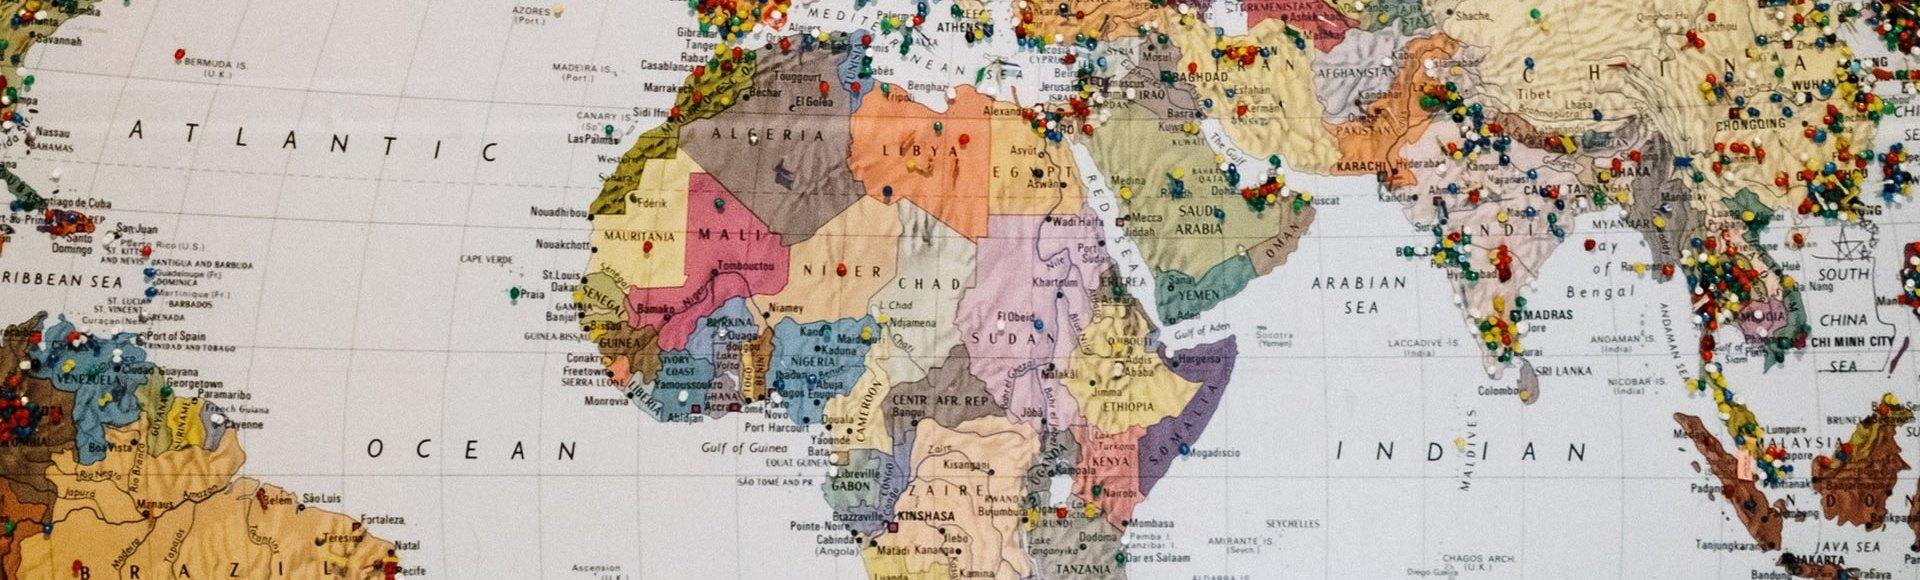 Suche nach vermissten Haustieren in 109 Sprachen in der internationalen Datenbank der Chipzentrale